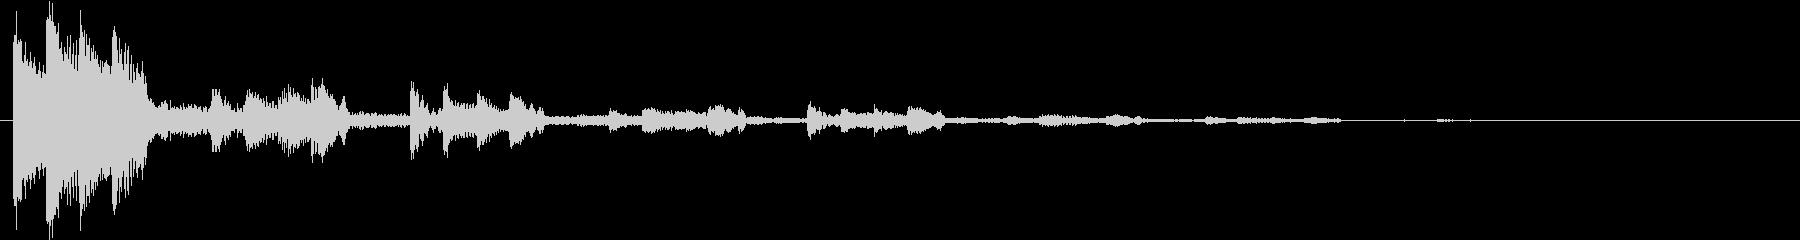 KANT涼しげアイキャッチ09229の未再生の波形